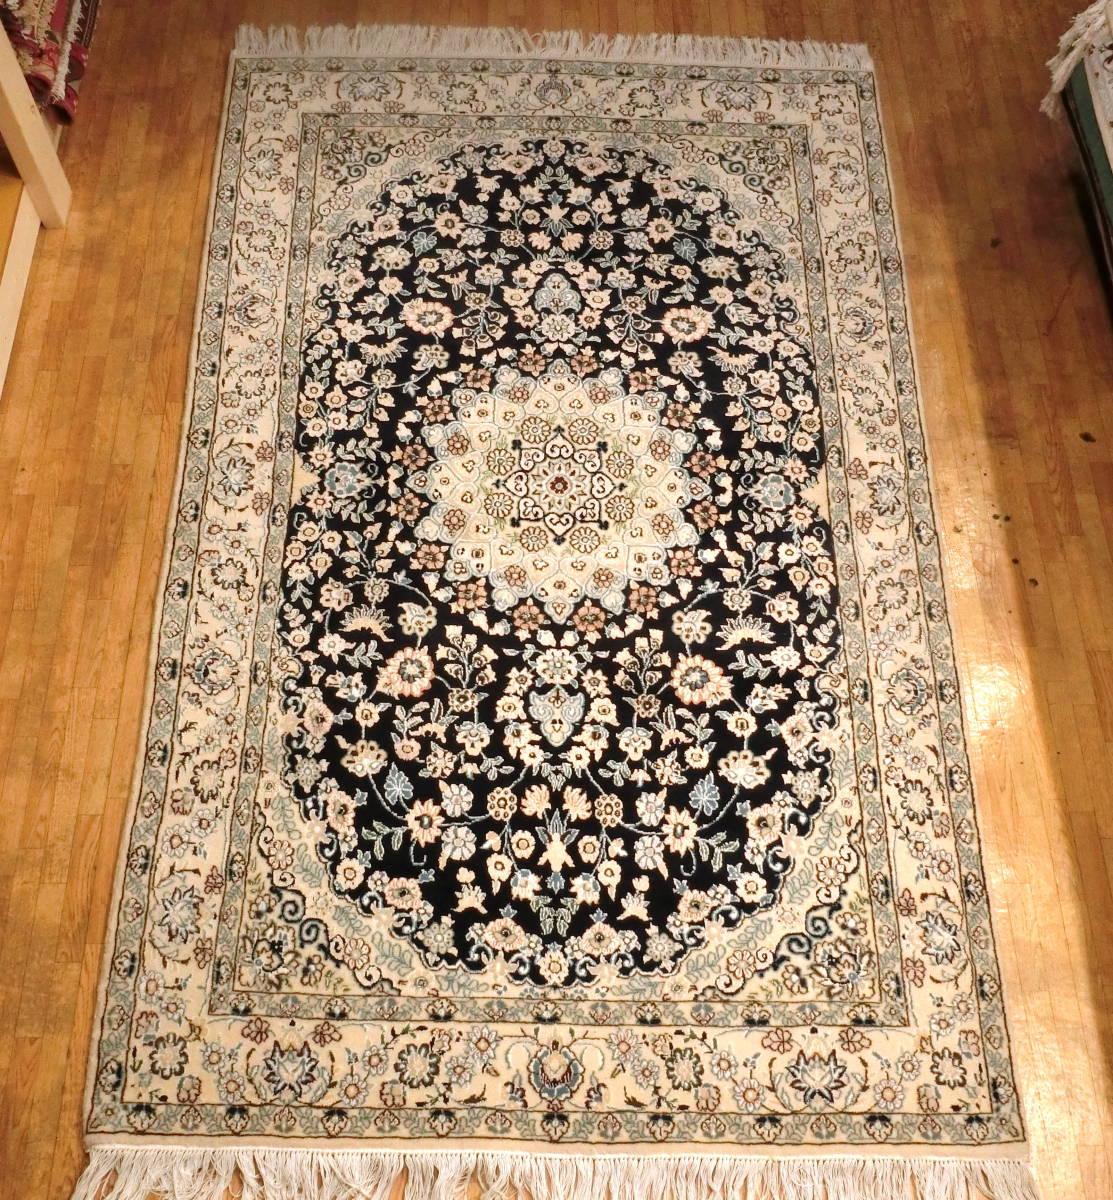 「1570」 イラン直輸入☆新品◇未使用 ナイン産 高級ペルシャ絨毯 コルクウール100% 手織り 手紡ぎ 203cm×125cm